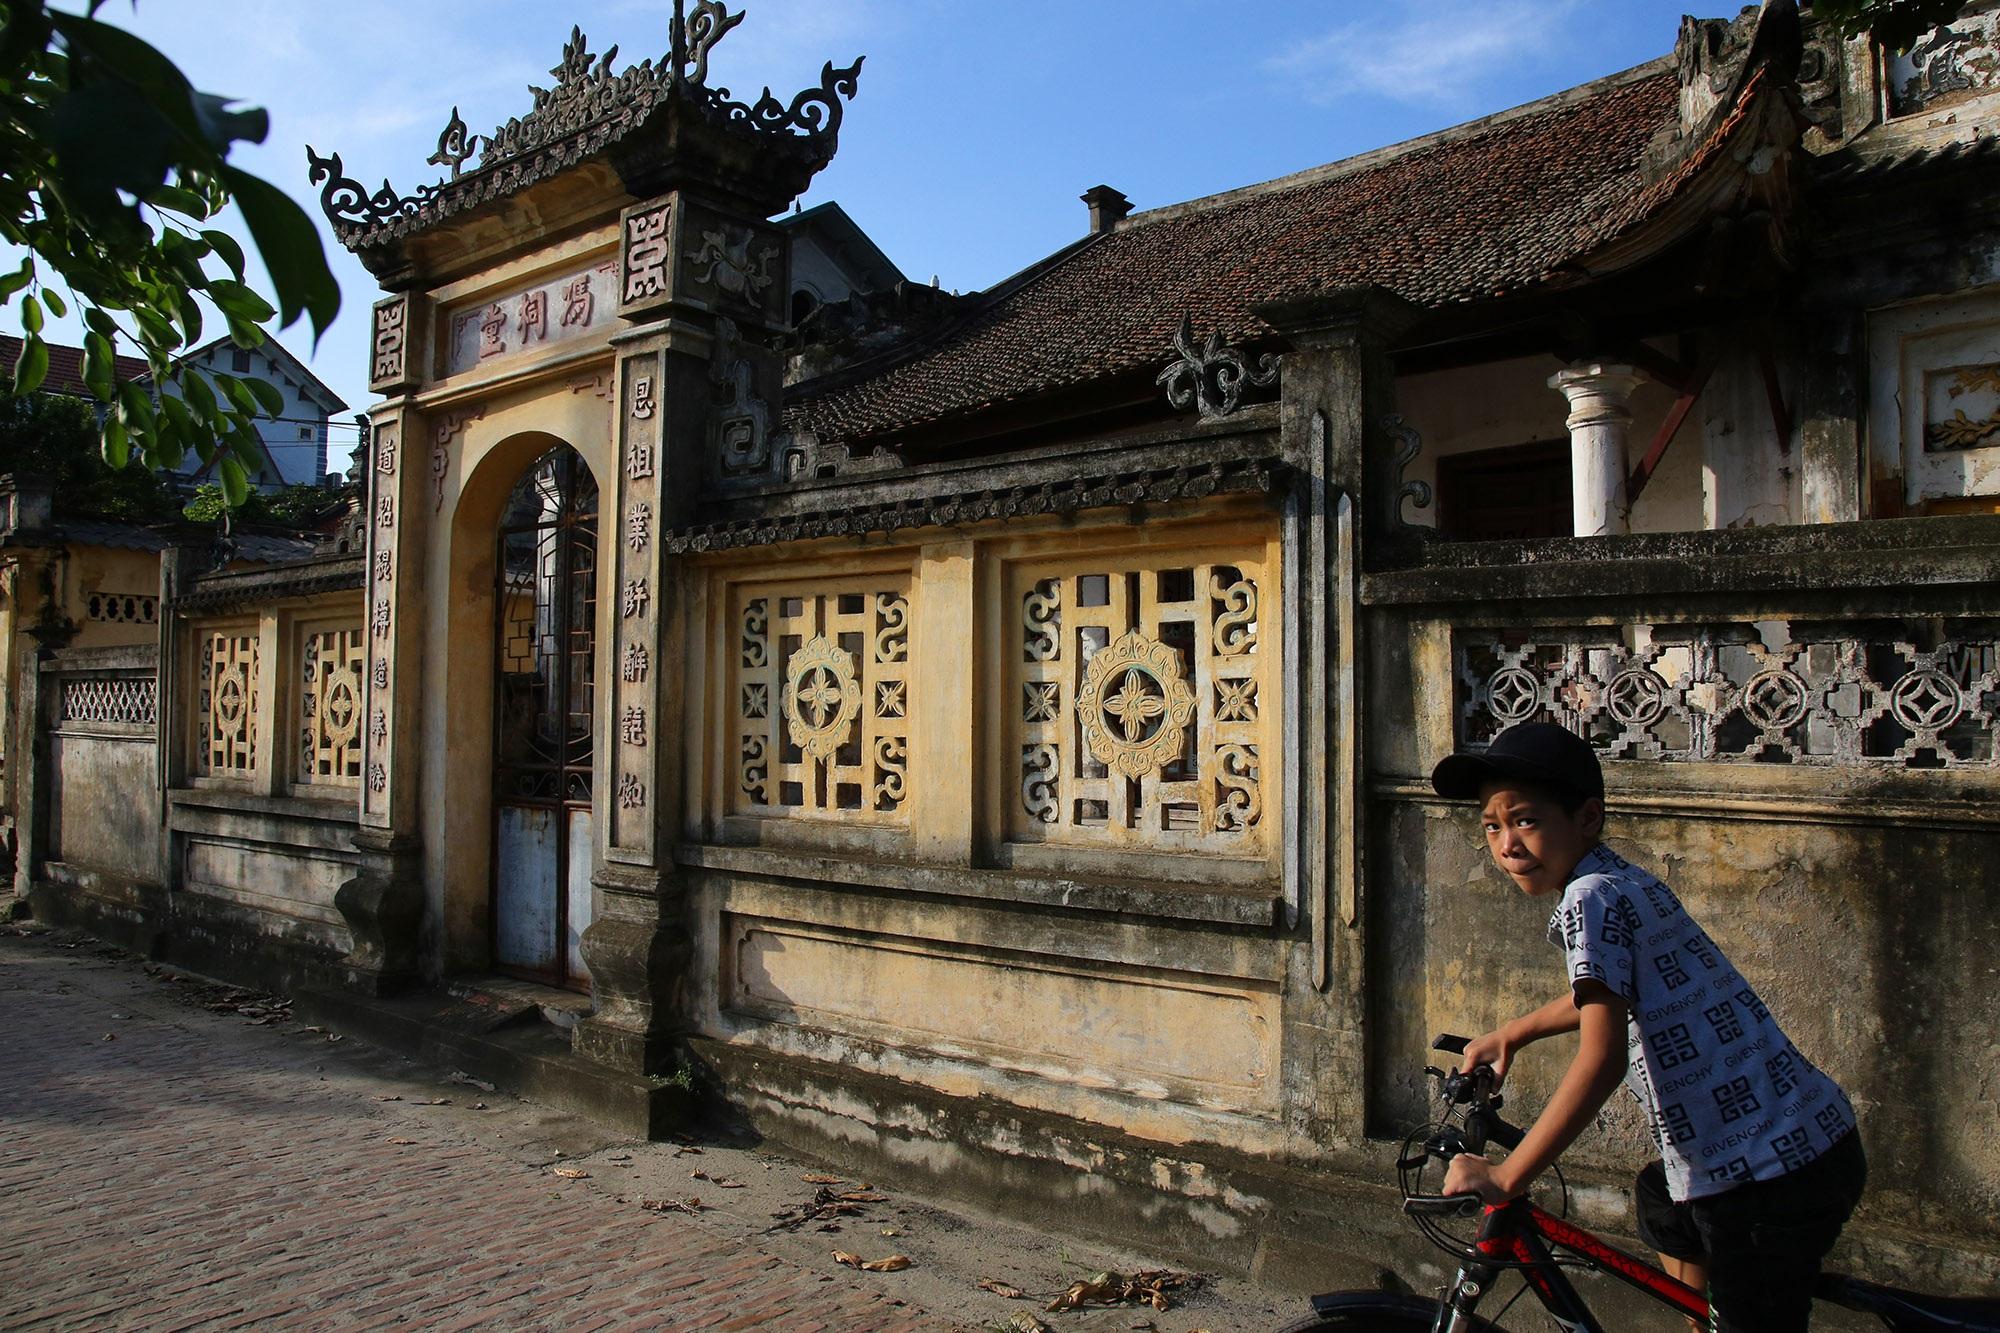 Phát hiện thêm một cổ trấn đẹp bình dị cách Hà Nội 30 km - 2